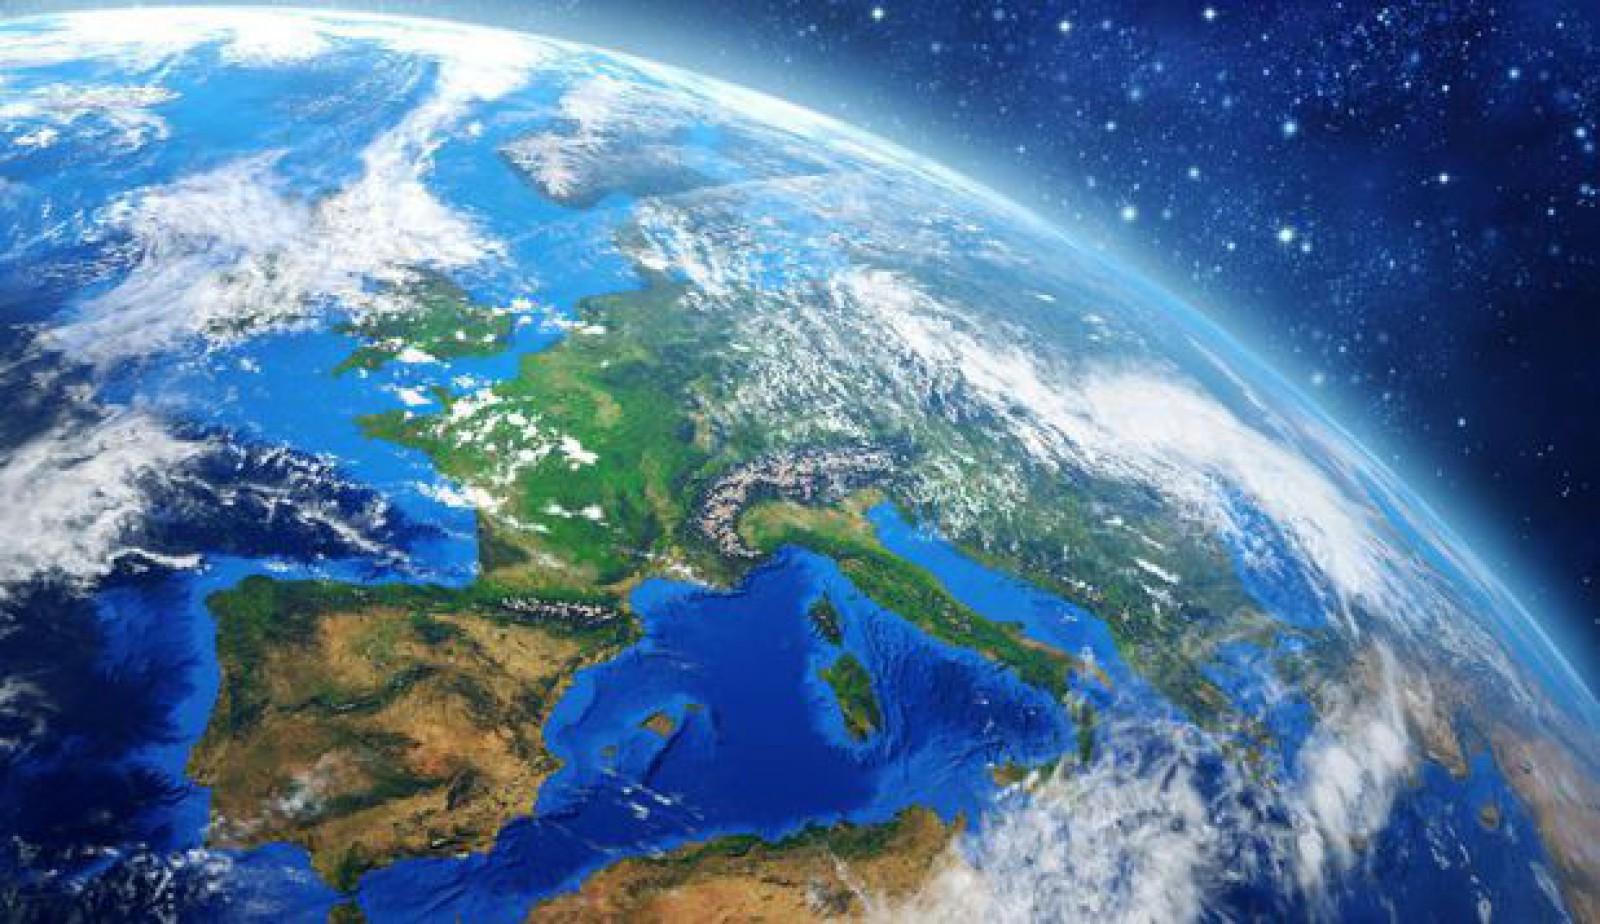 Un nou instrument construit în Chile va fi utilizat pentru căutarea planetelor înrudite cu Terra